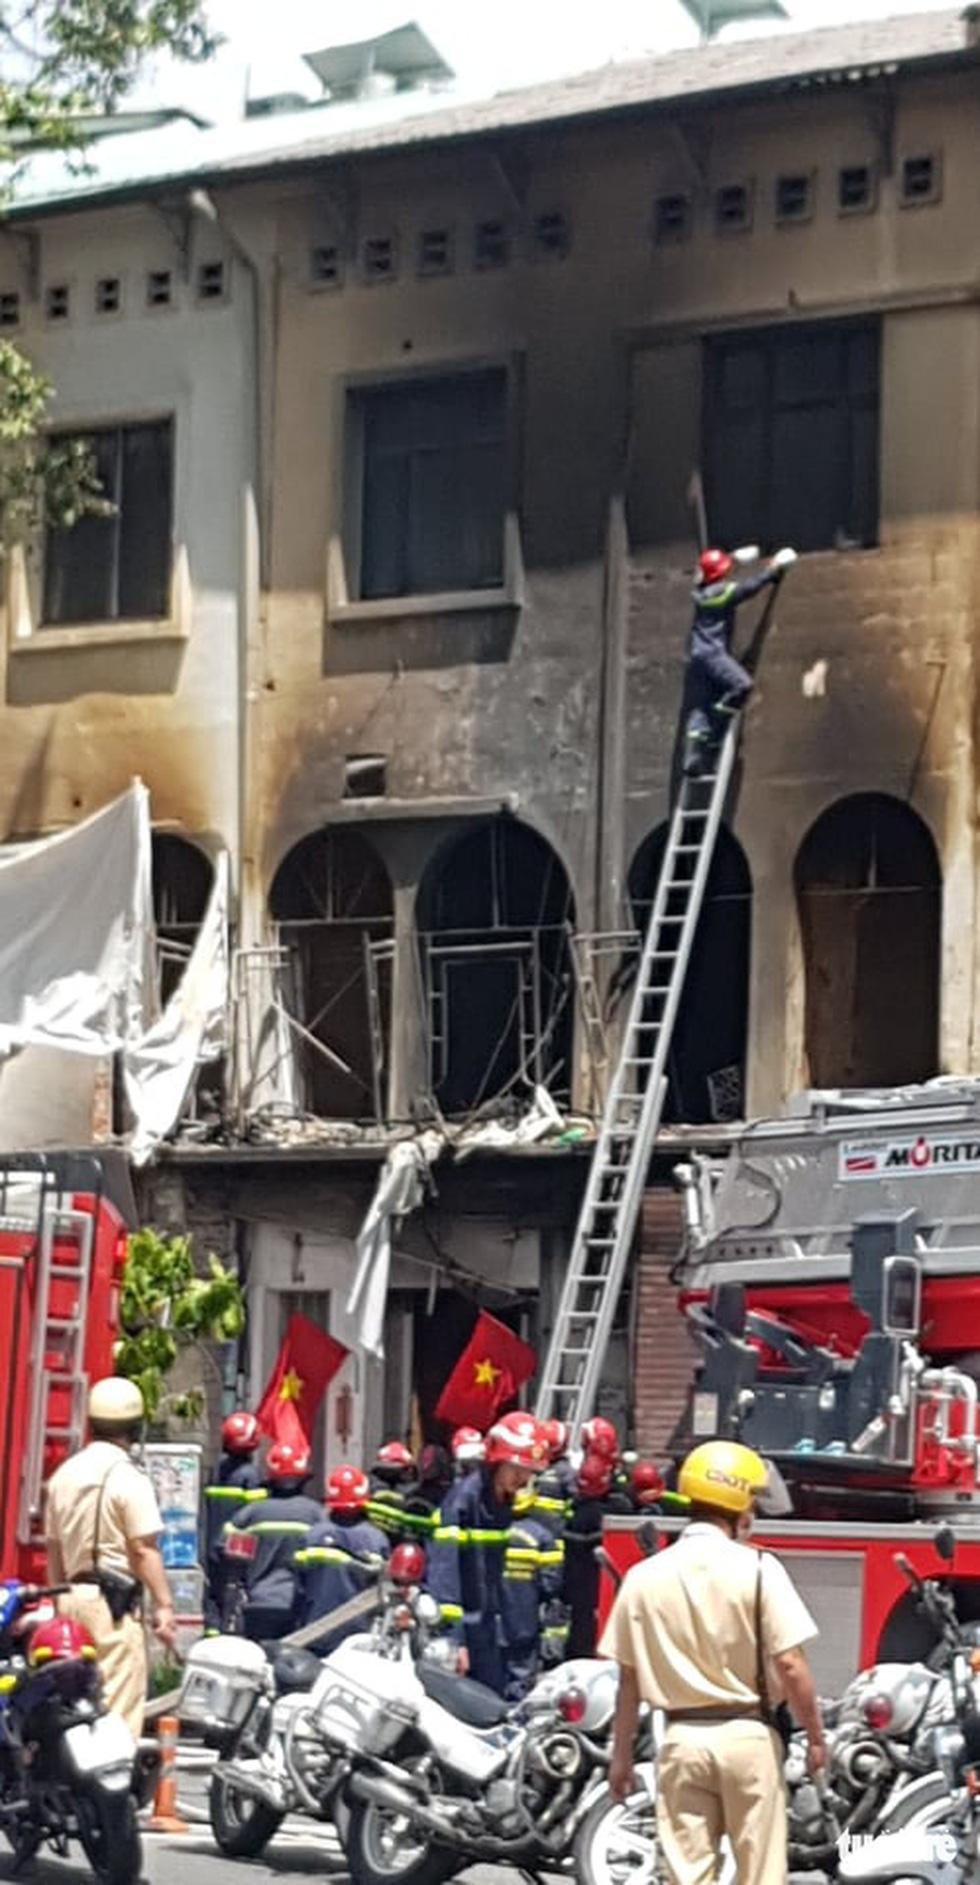 Cháy dãy nhà đang sửa chữa ở trung tâm quận 1, nhiều tài sản bị thiêu rụi - Ảnh 3.